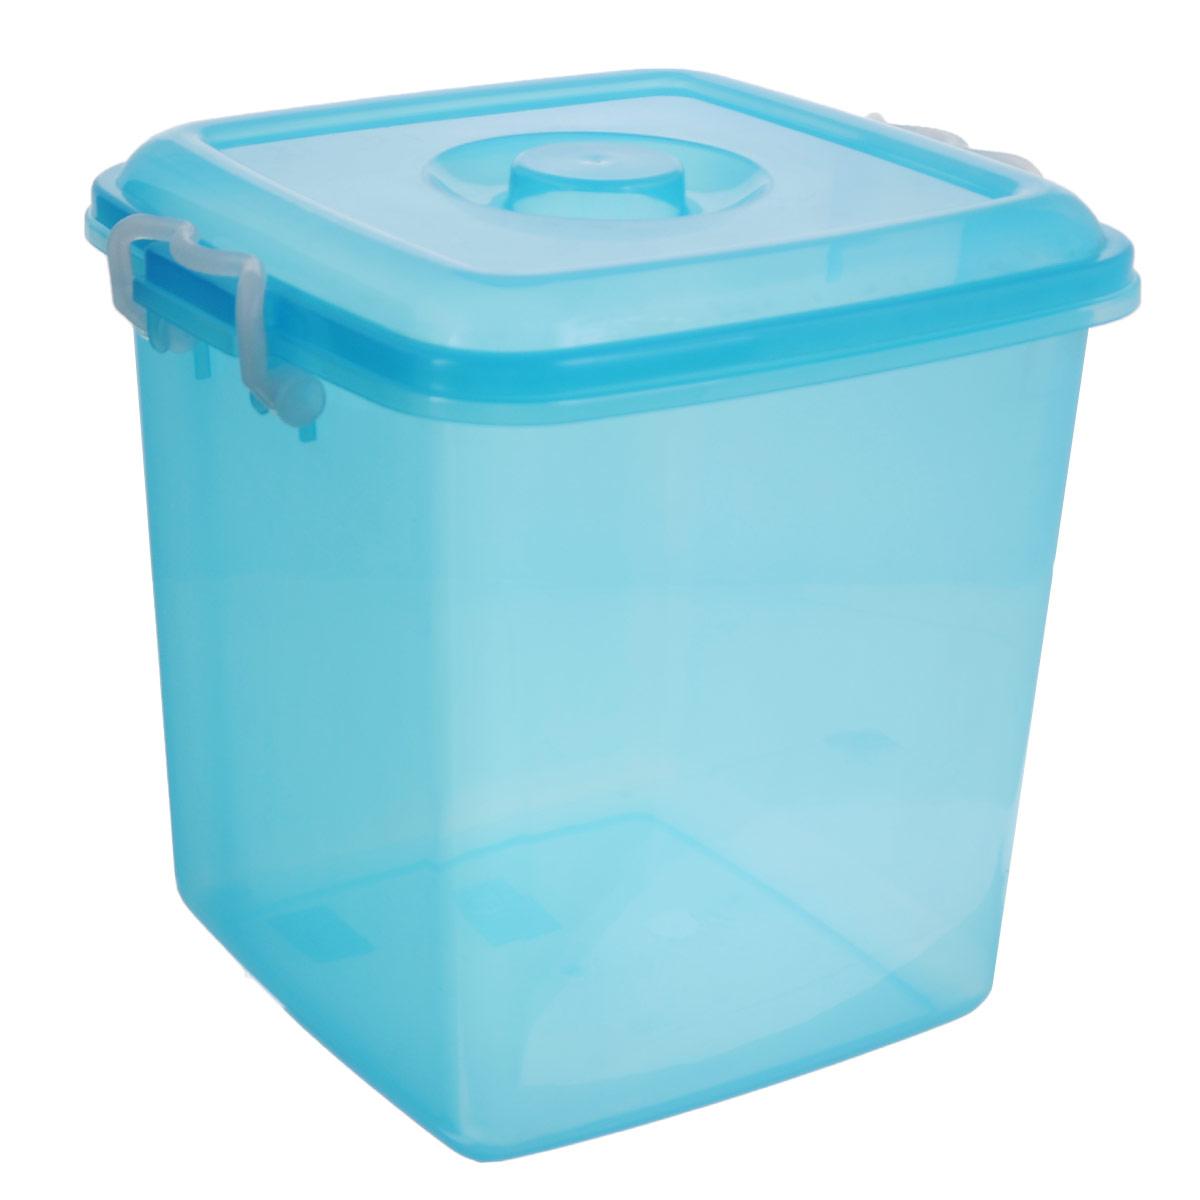 Контейнер для хранения Idea Океаник, цвет: голубой, 20 лМ 2858Контейнер Idea Океаник выполнен из высококачественного полипропилена, предназначен для хранения различных вещей. Контейнер снабжен эргономичной плотно закрывающейся крышкой со специальными боковыми фиксаторами. Объем контейнера: 20 л.